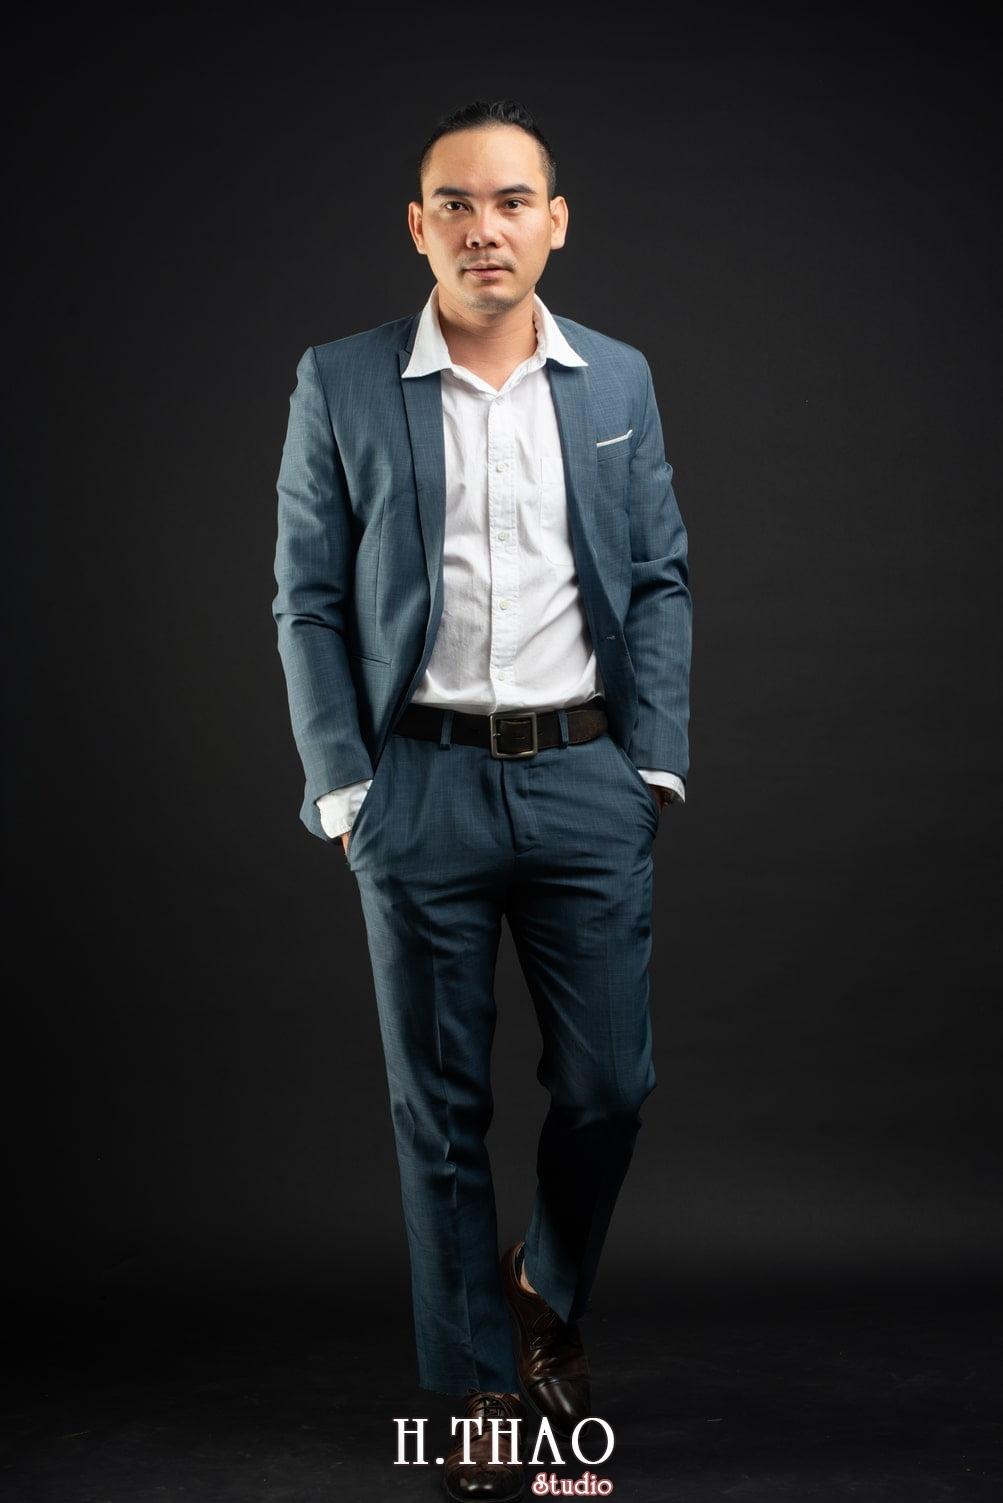 Anh Profile Ngoc Trai 13 min 1 - Album ảnh phong cách cá tính mạnh mẽ anh Ngọc Trai - HThao Studio